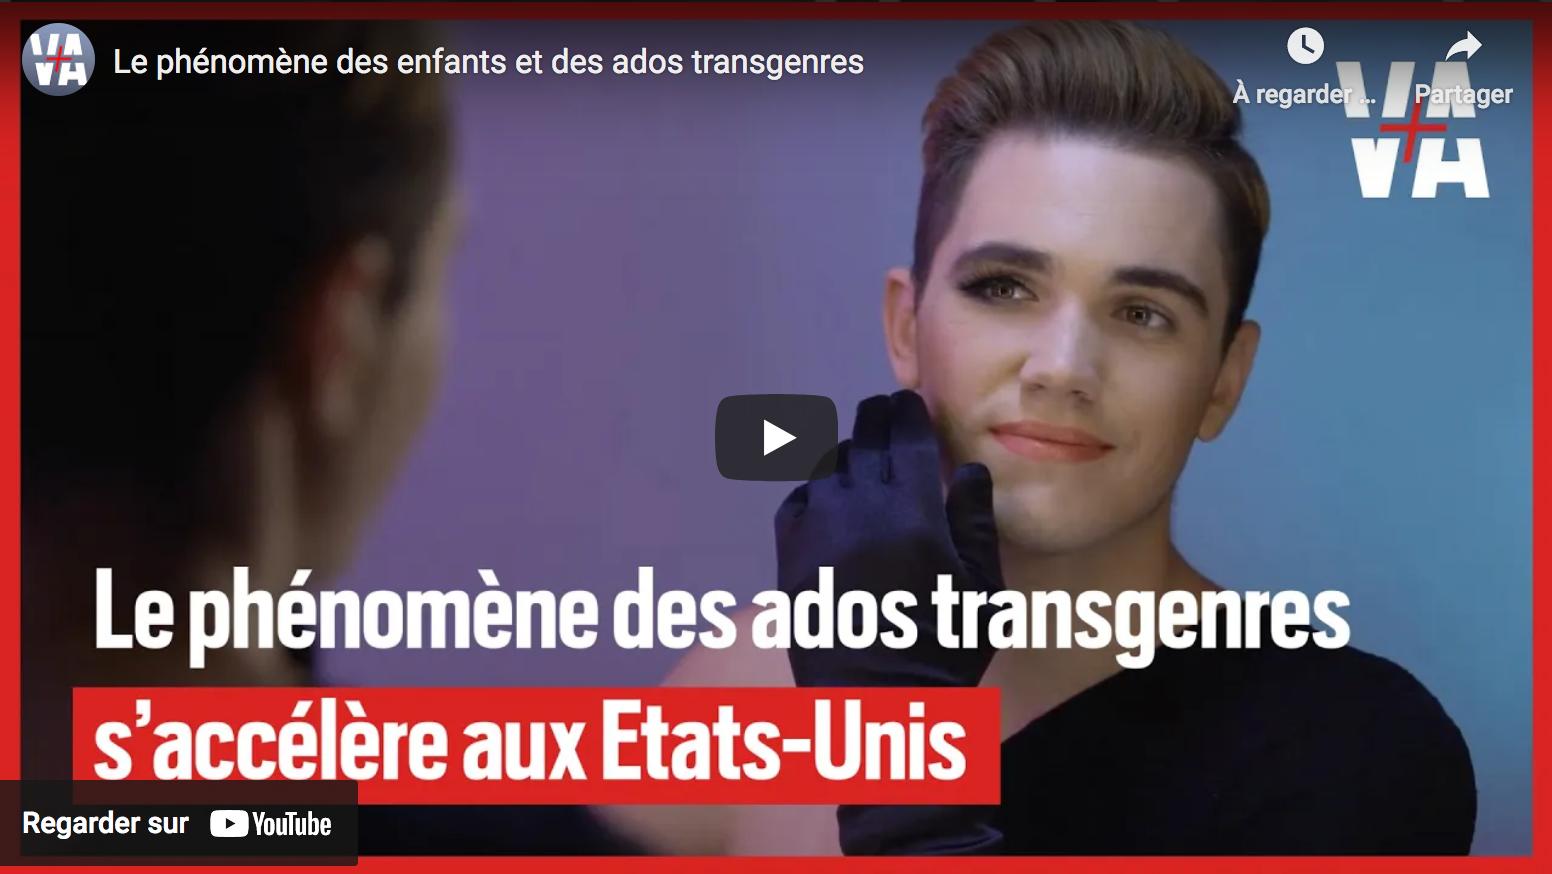 États-Unis : l'inquiétant phénomène des enfants et des ados transsexuels